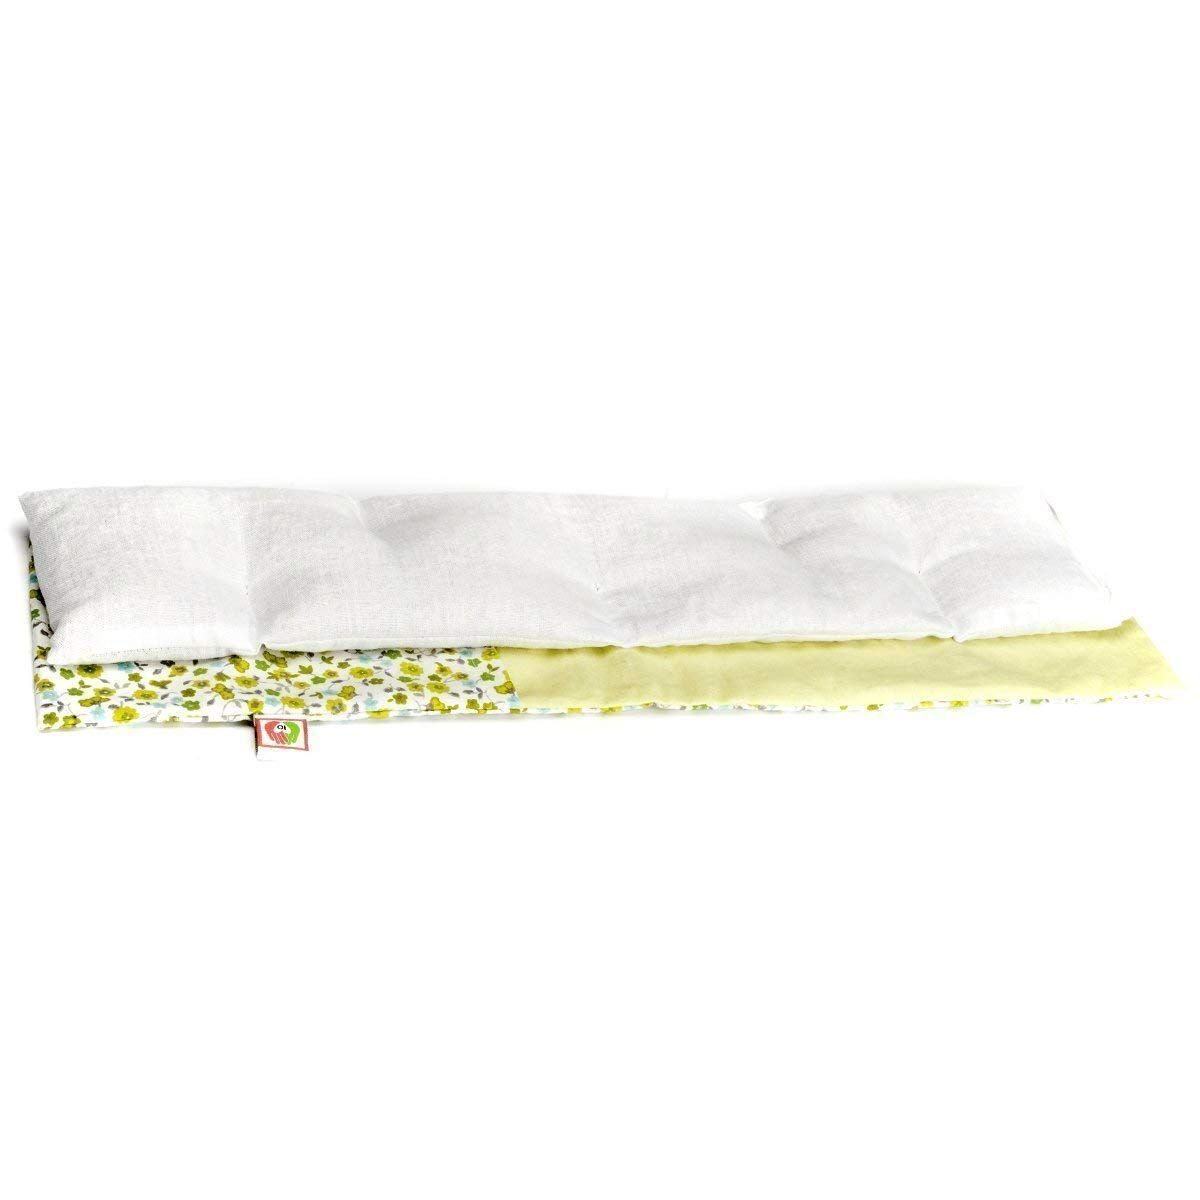 Cuscino Di Grano Per Cervicale.Cuscino Termico Cervicale 50x10 Cm Semi Di Grano E Fiori Di